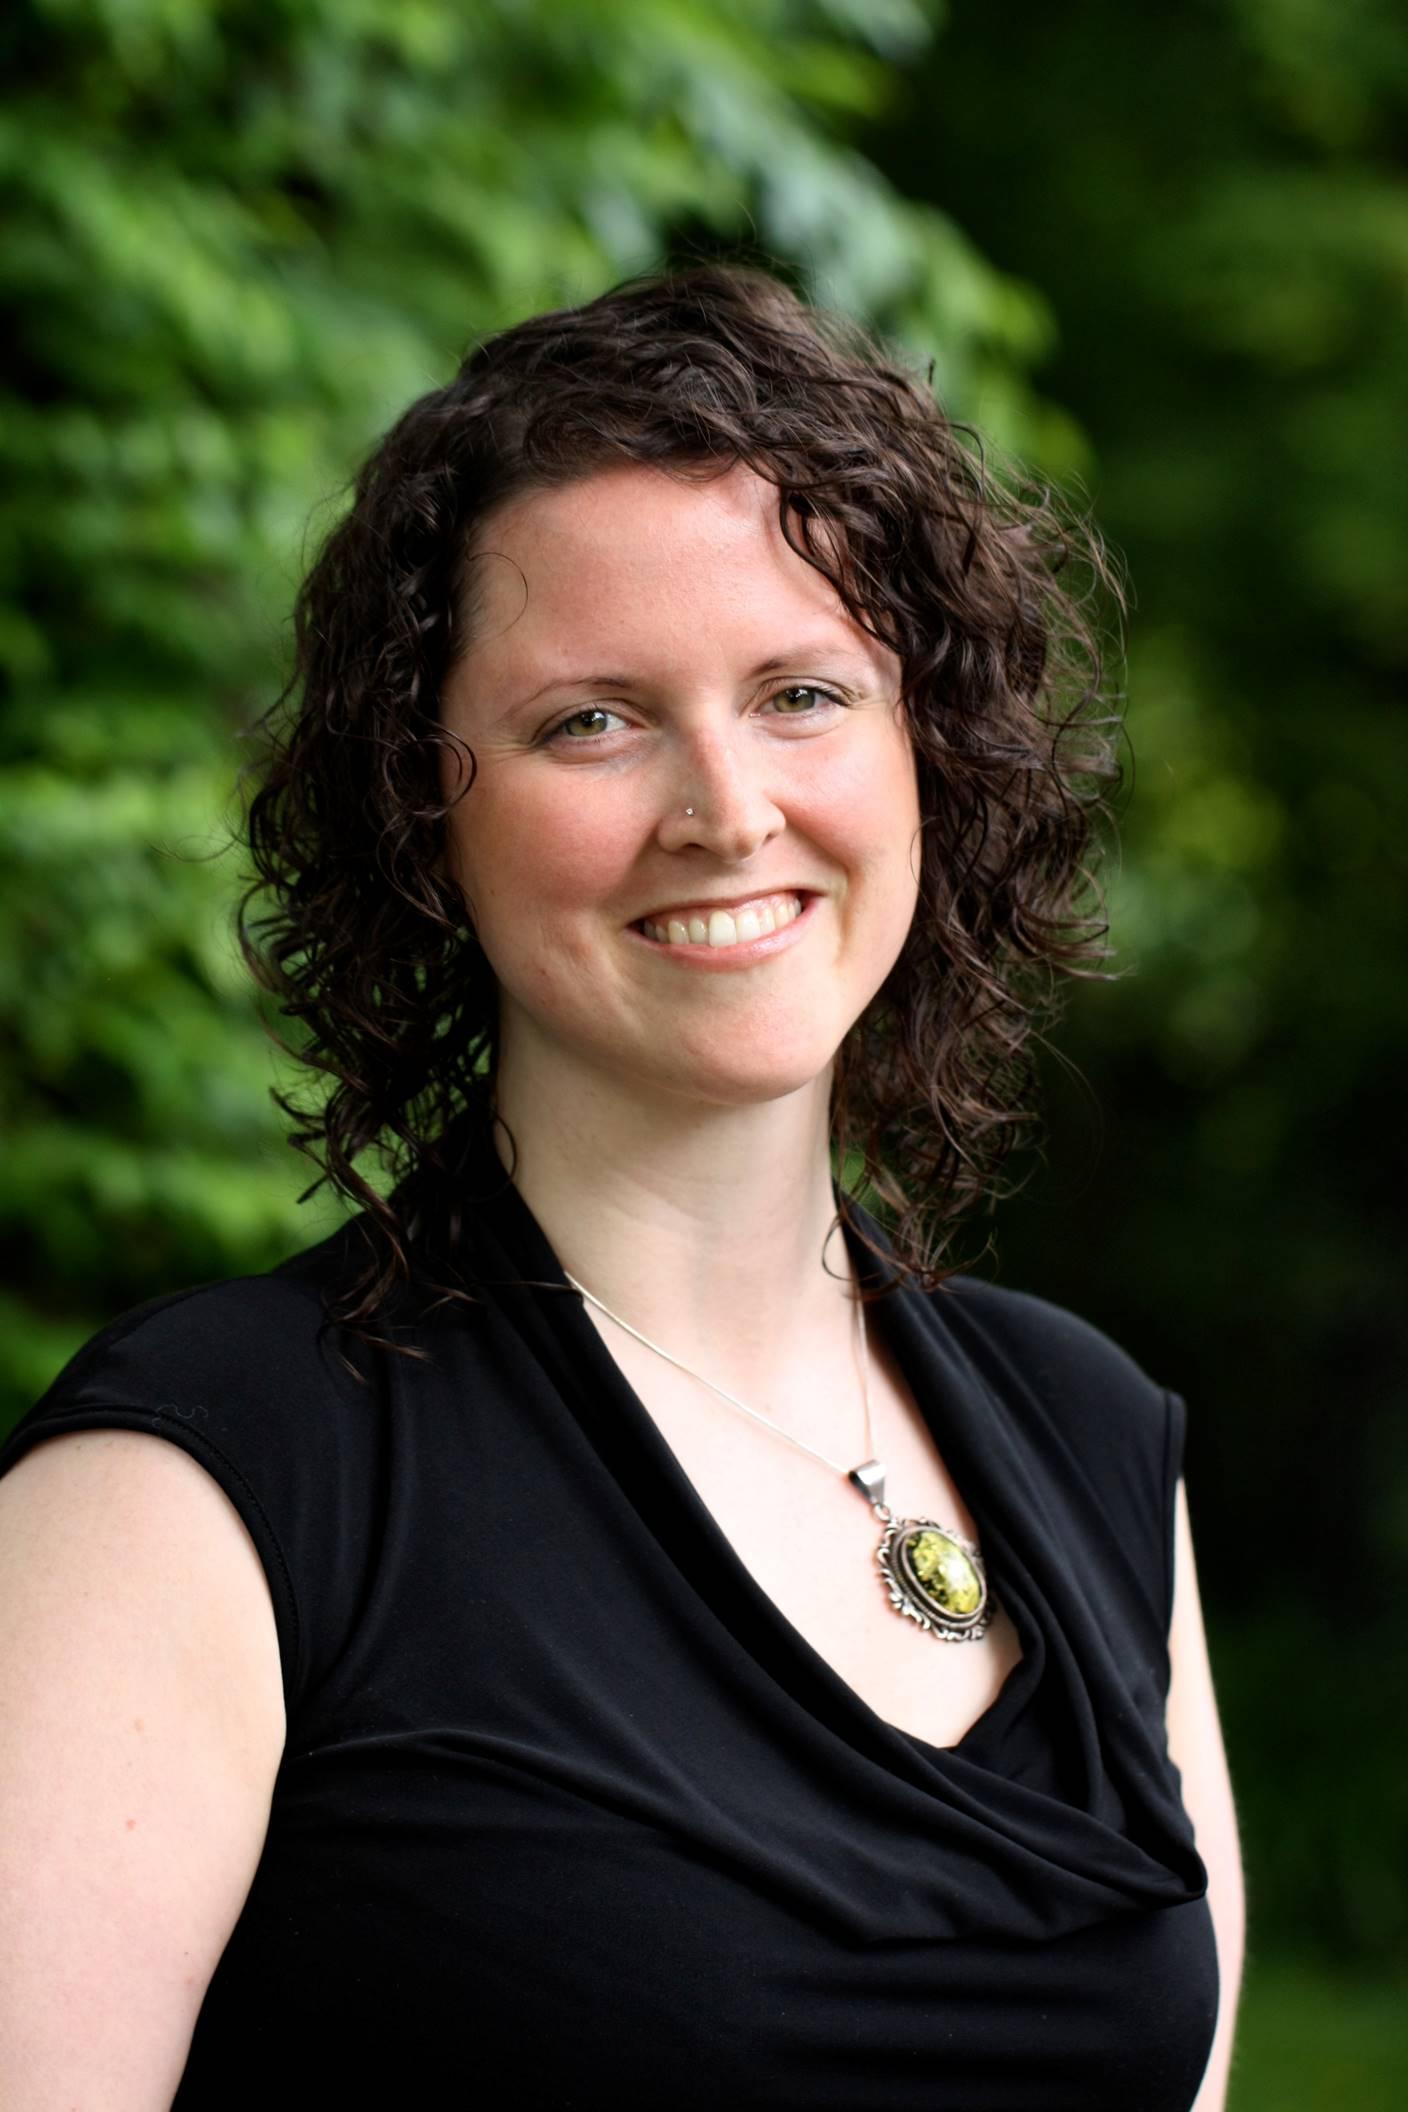 Katherine Muldoon